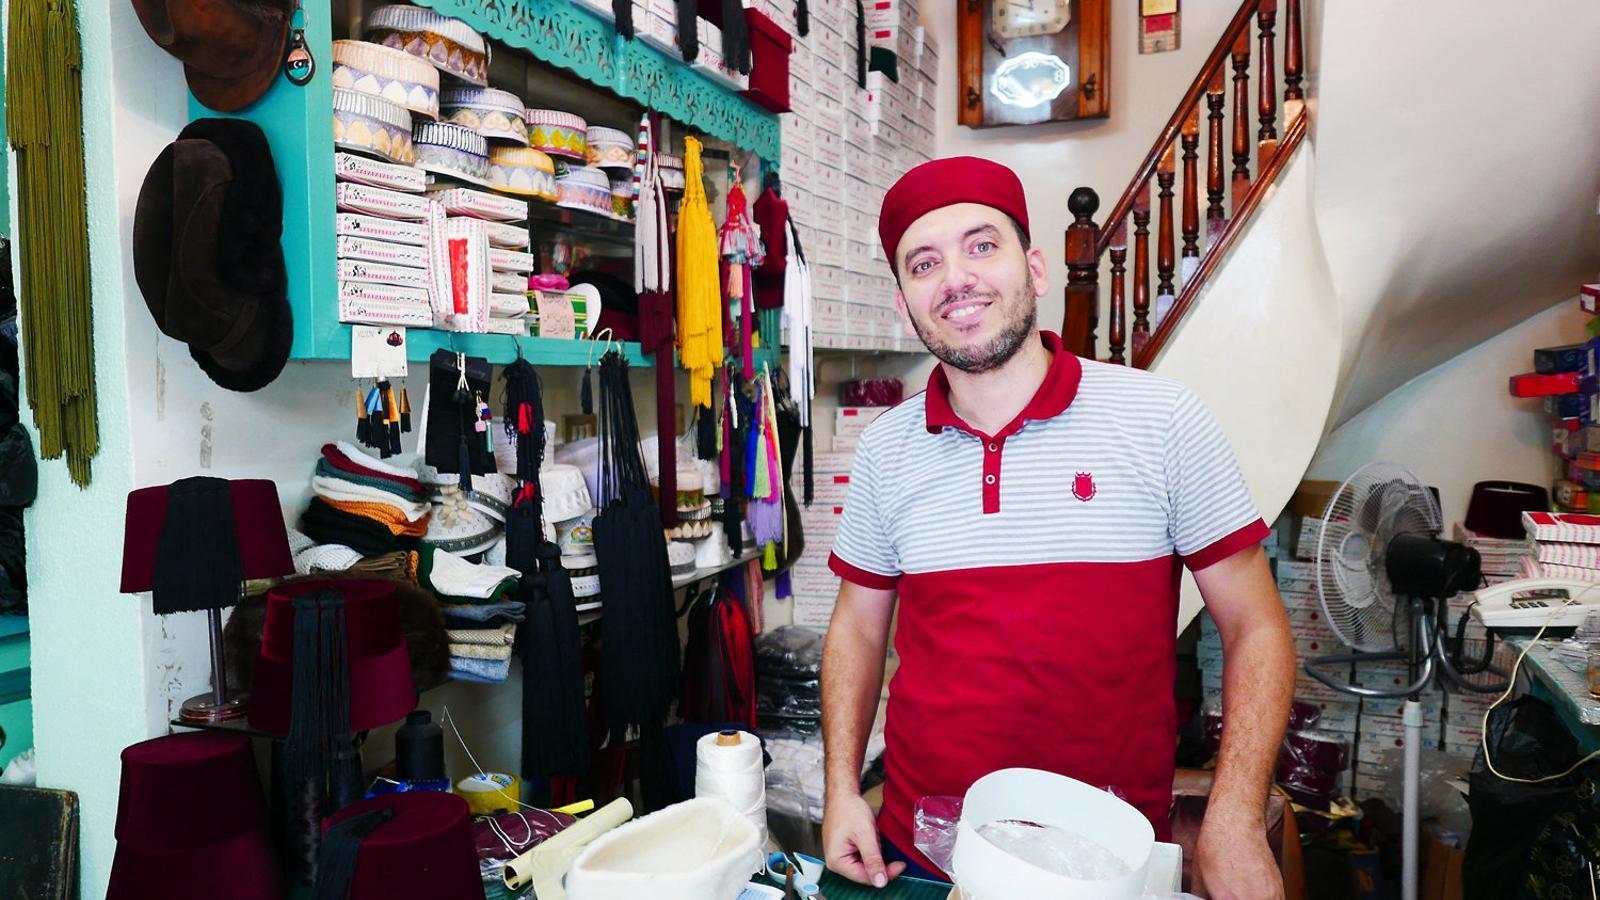 Mehdi Troudi és un jove artesà que ha heretat la botiga del seu pare i explica que exporta bona part de la seva producció de barrets.